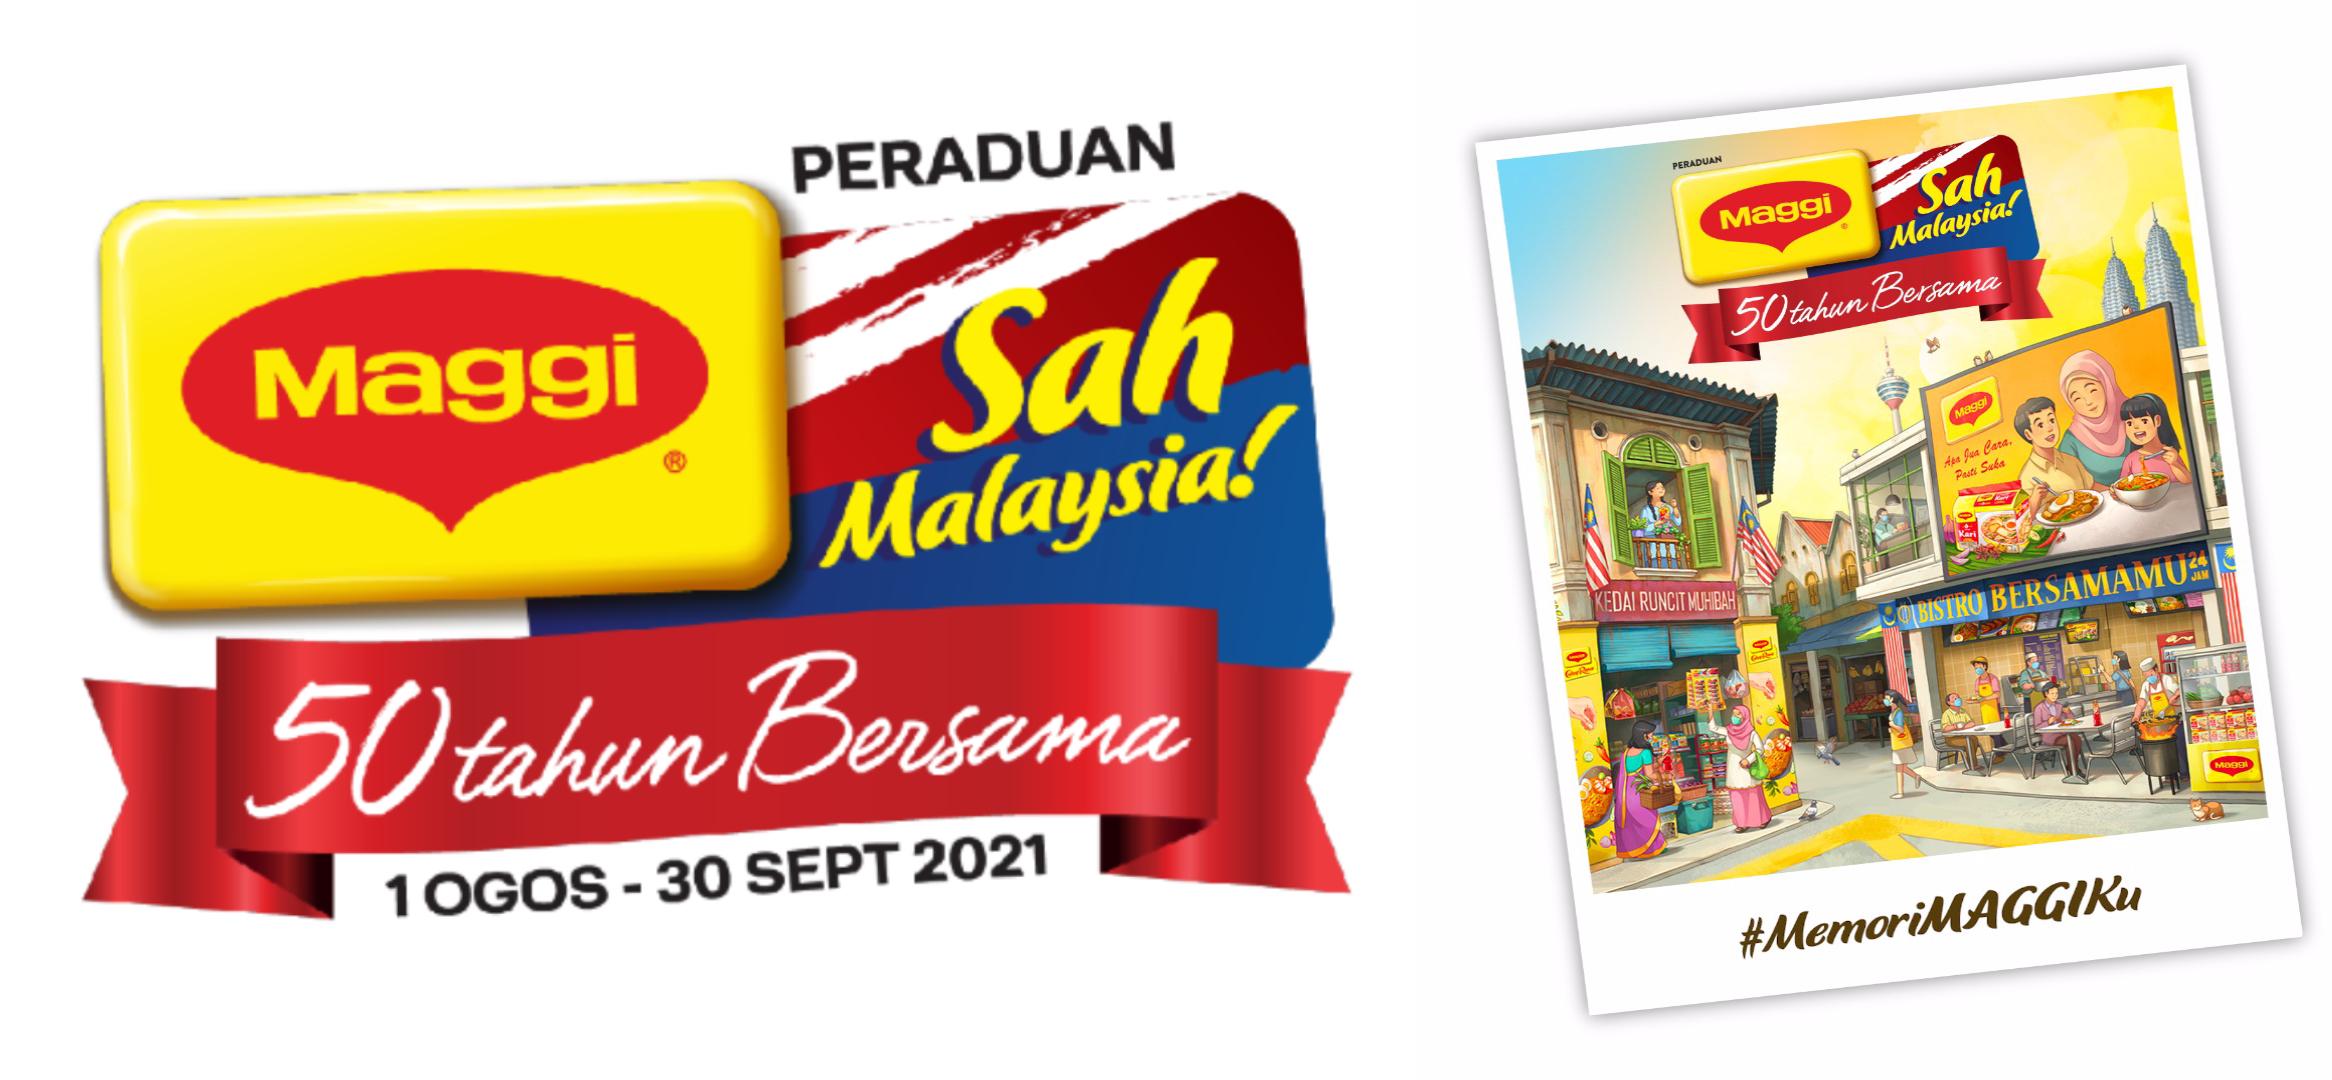 配合MAGGI Sah Malaysia活动,消费者将有机会赢取丰富奖品,同时还能帮助有需要的群体。-MAGGI提供-